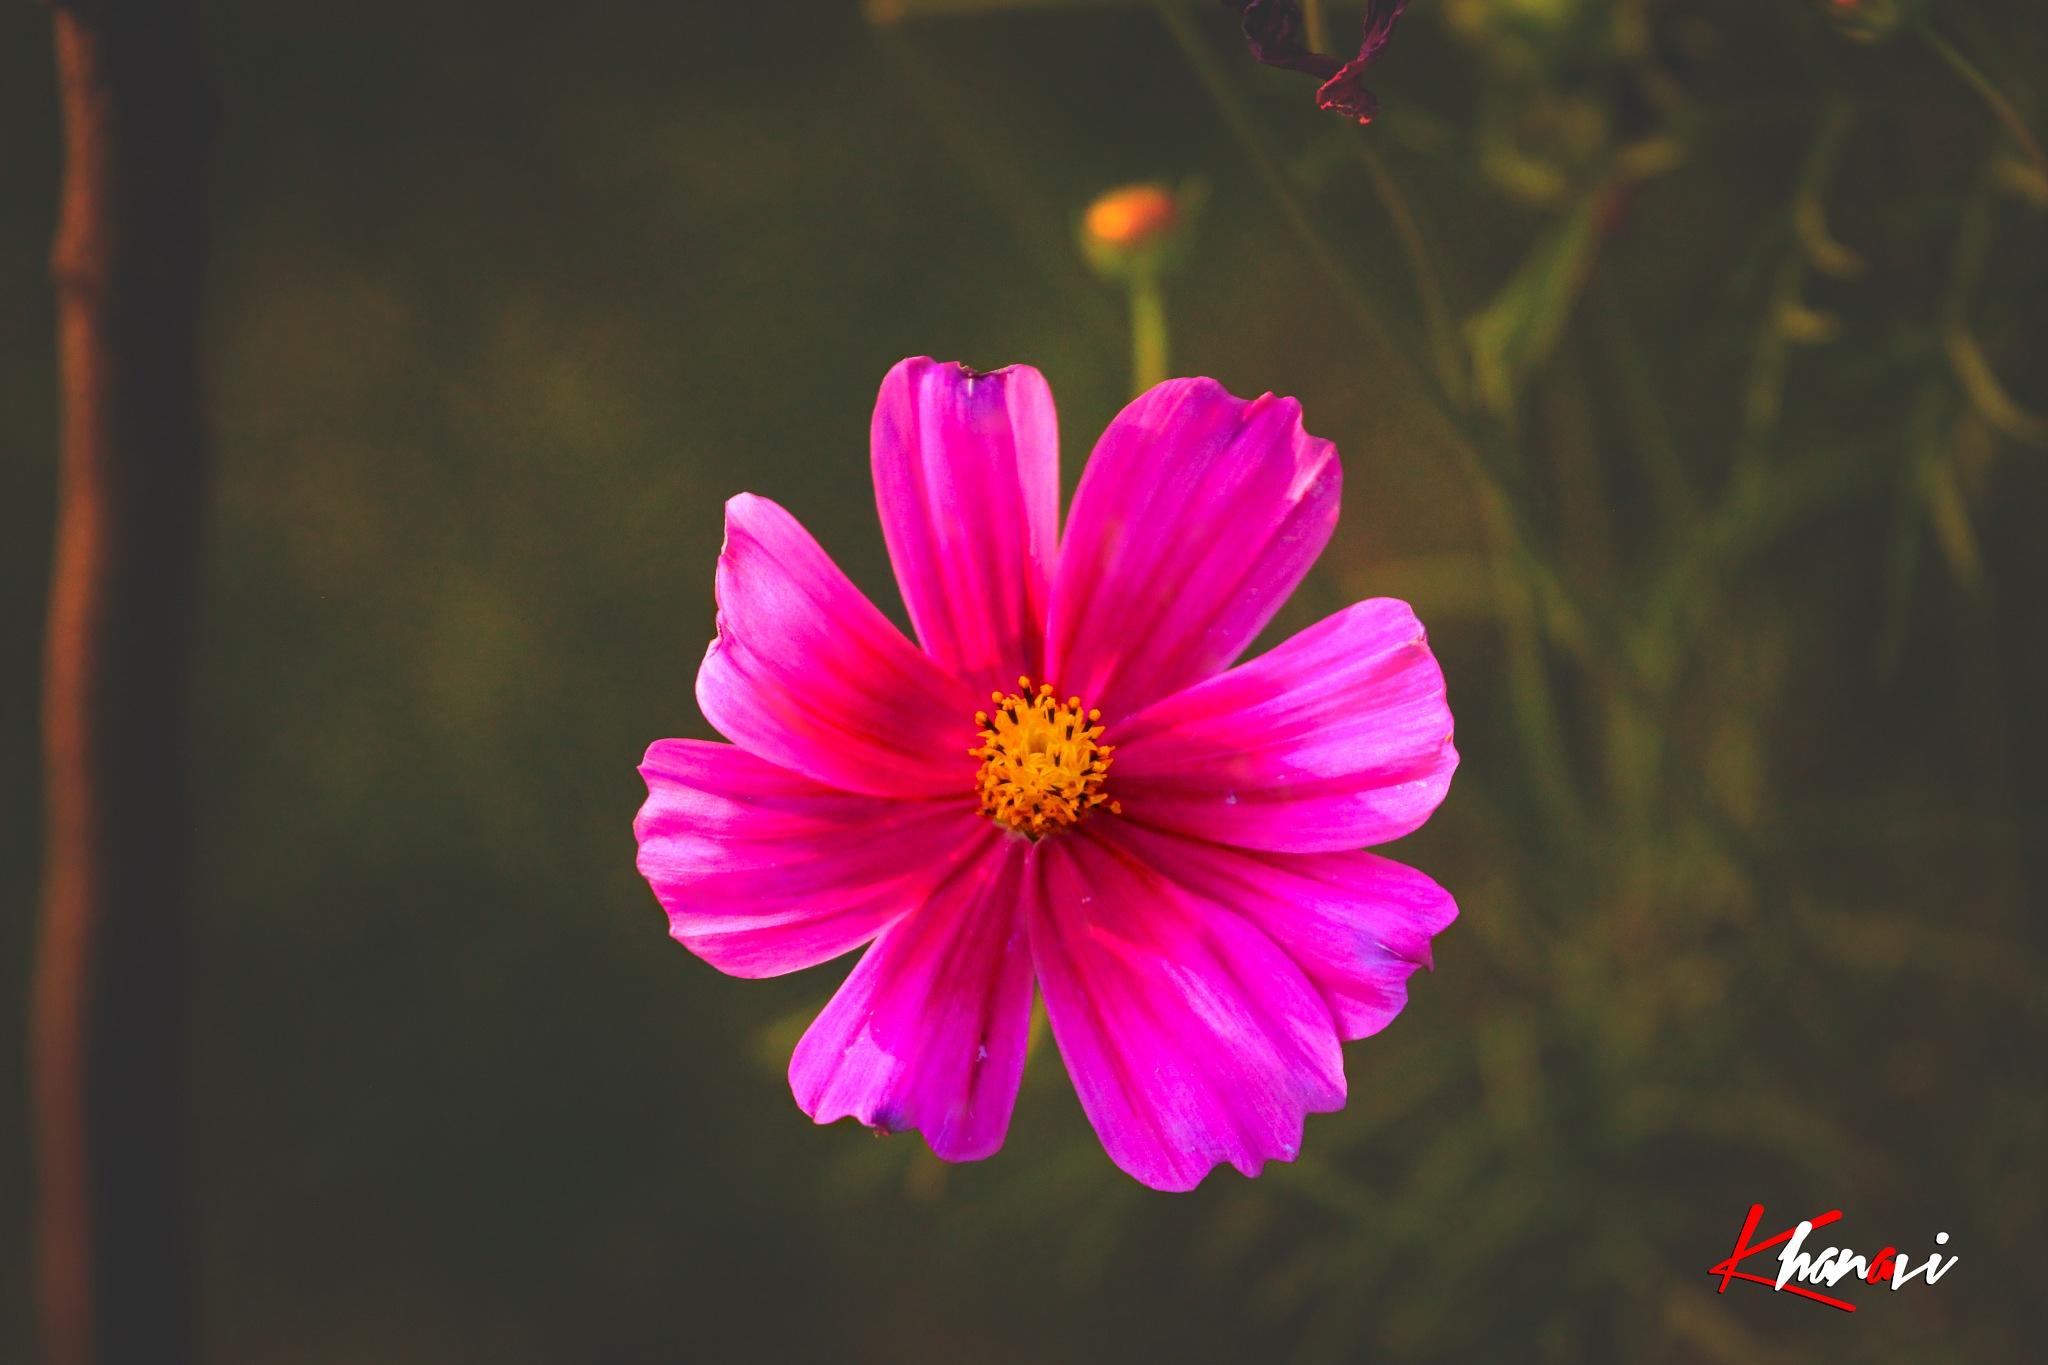 Flower by Khan Avi